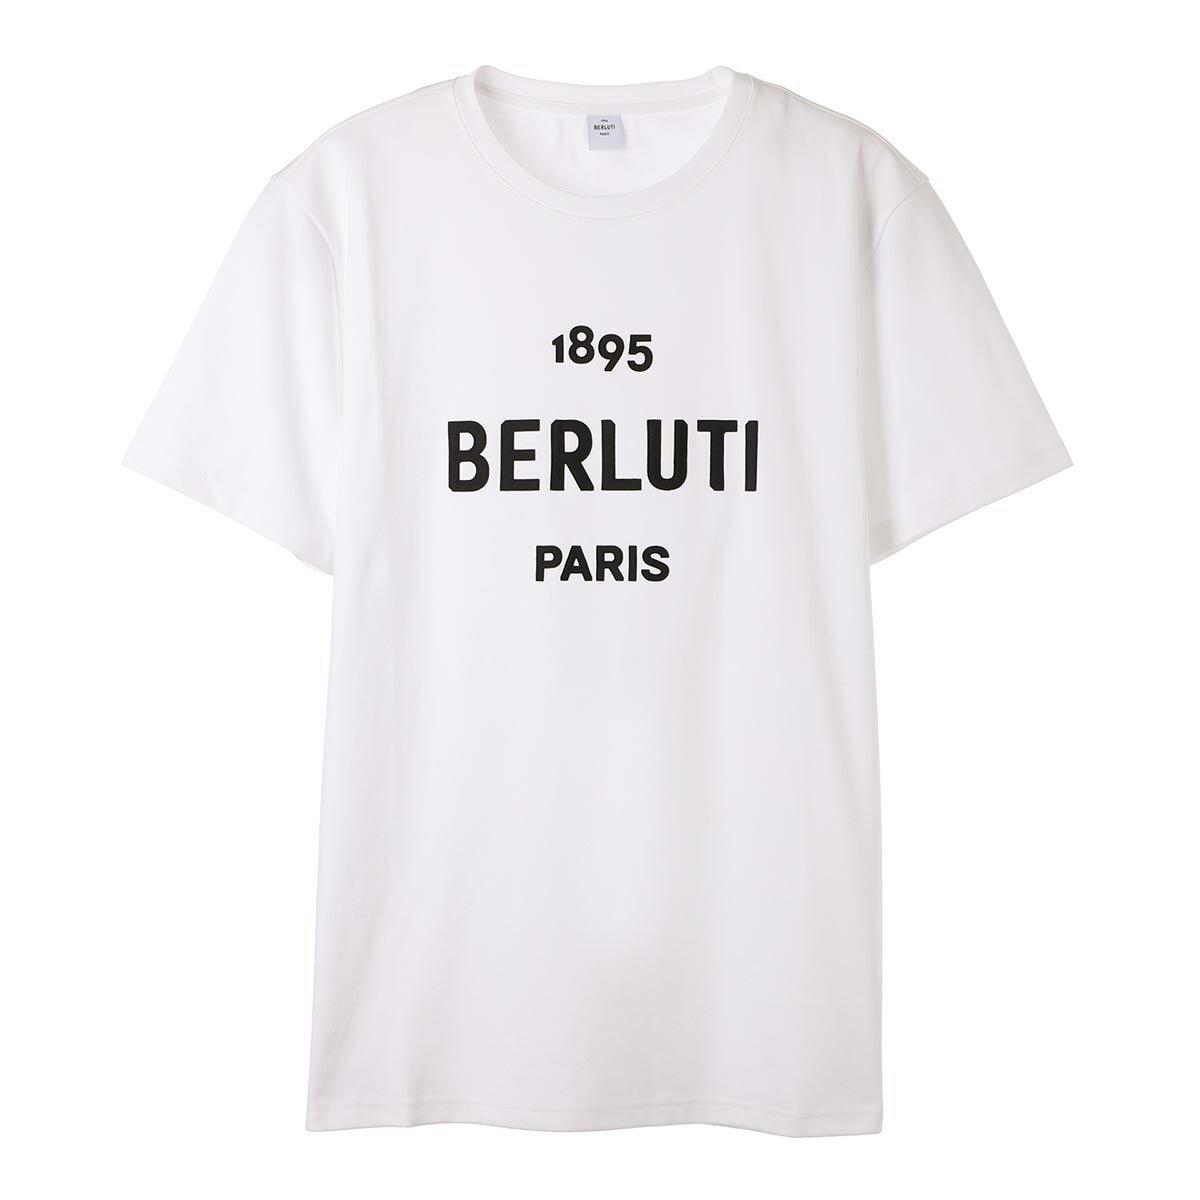 トップス, Tシャツ・カットソー 1 BERLUTI T r18jrs50 003 000 T-SHIRT W EMBROIDERED LOGO